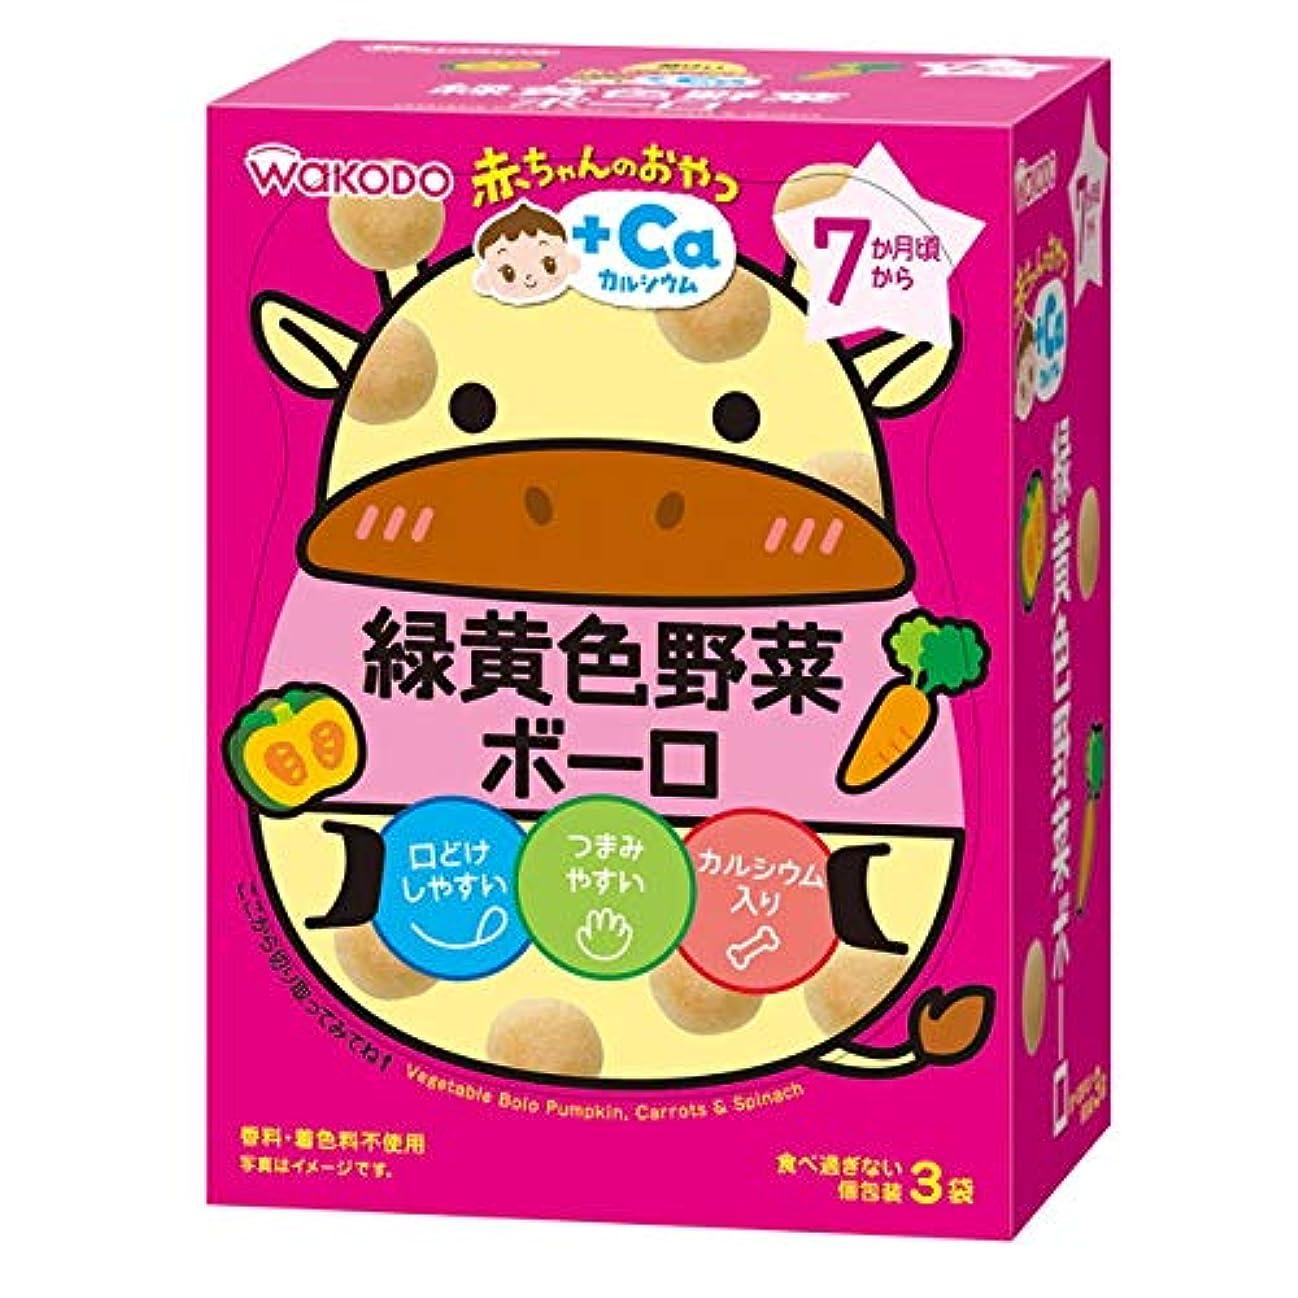 ローラー原点遺伝的和光堂 赤ちゃんのおやつ 緑黄色野菜ボーロ 15g×3袋 (7ヶ月頃から)【3個セット】